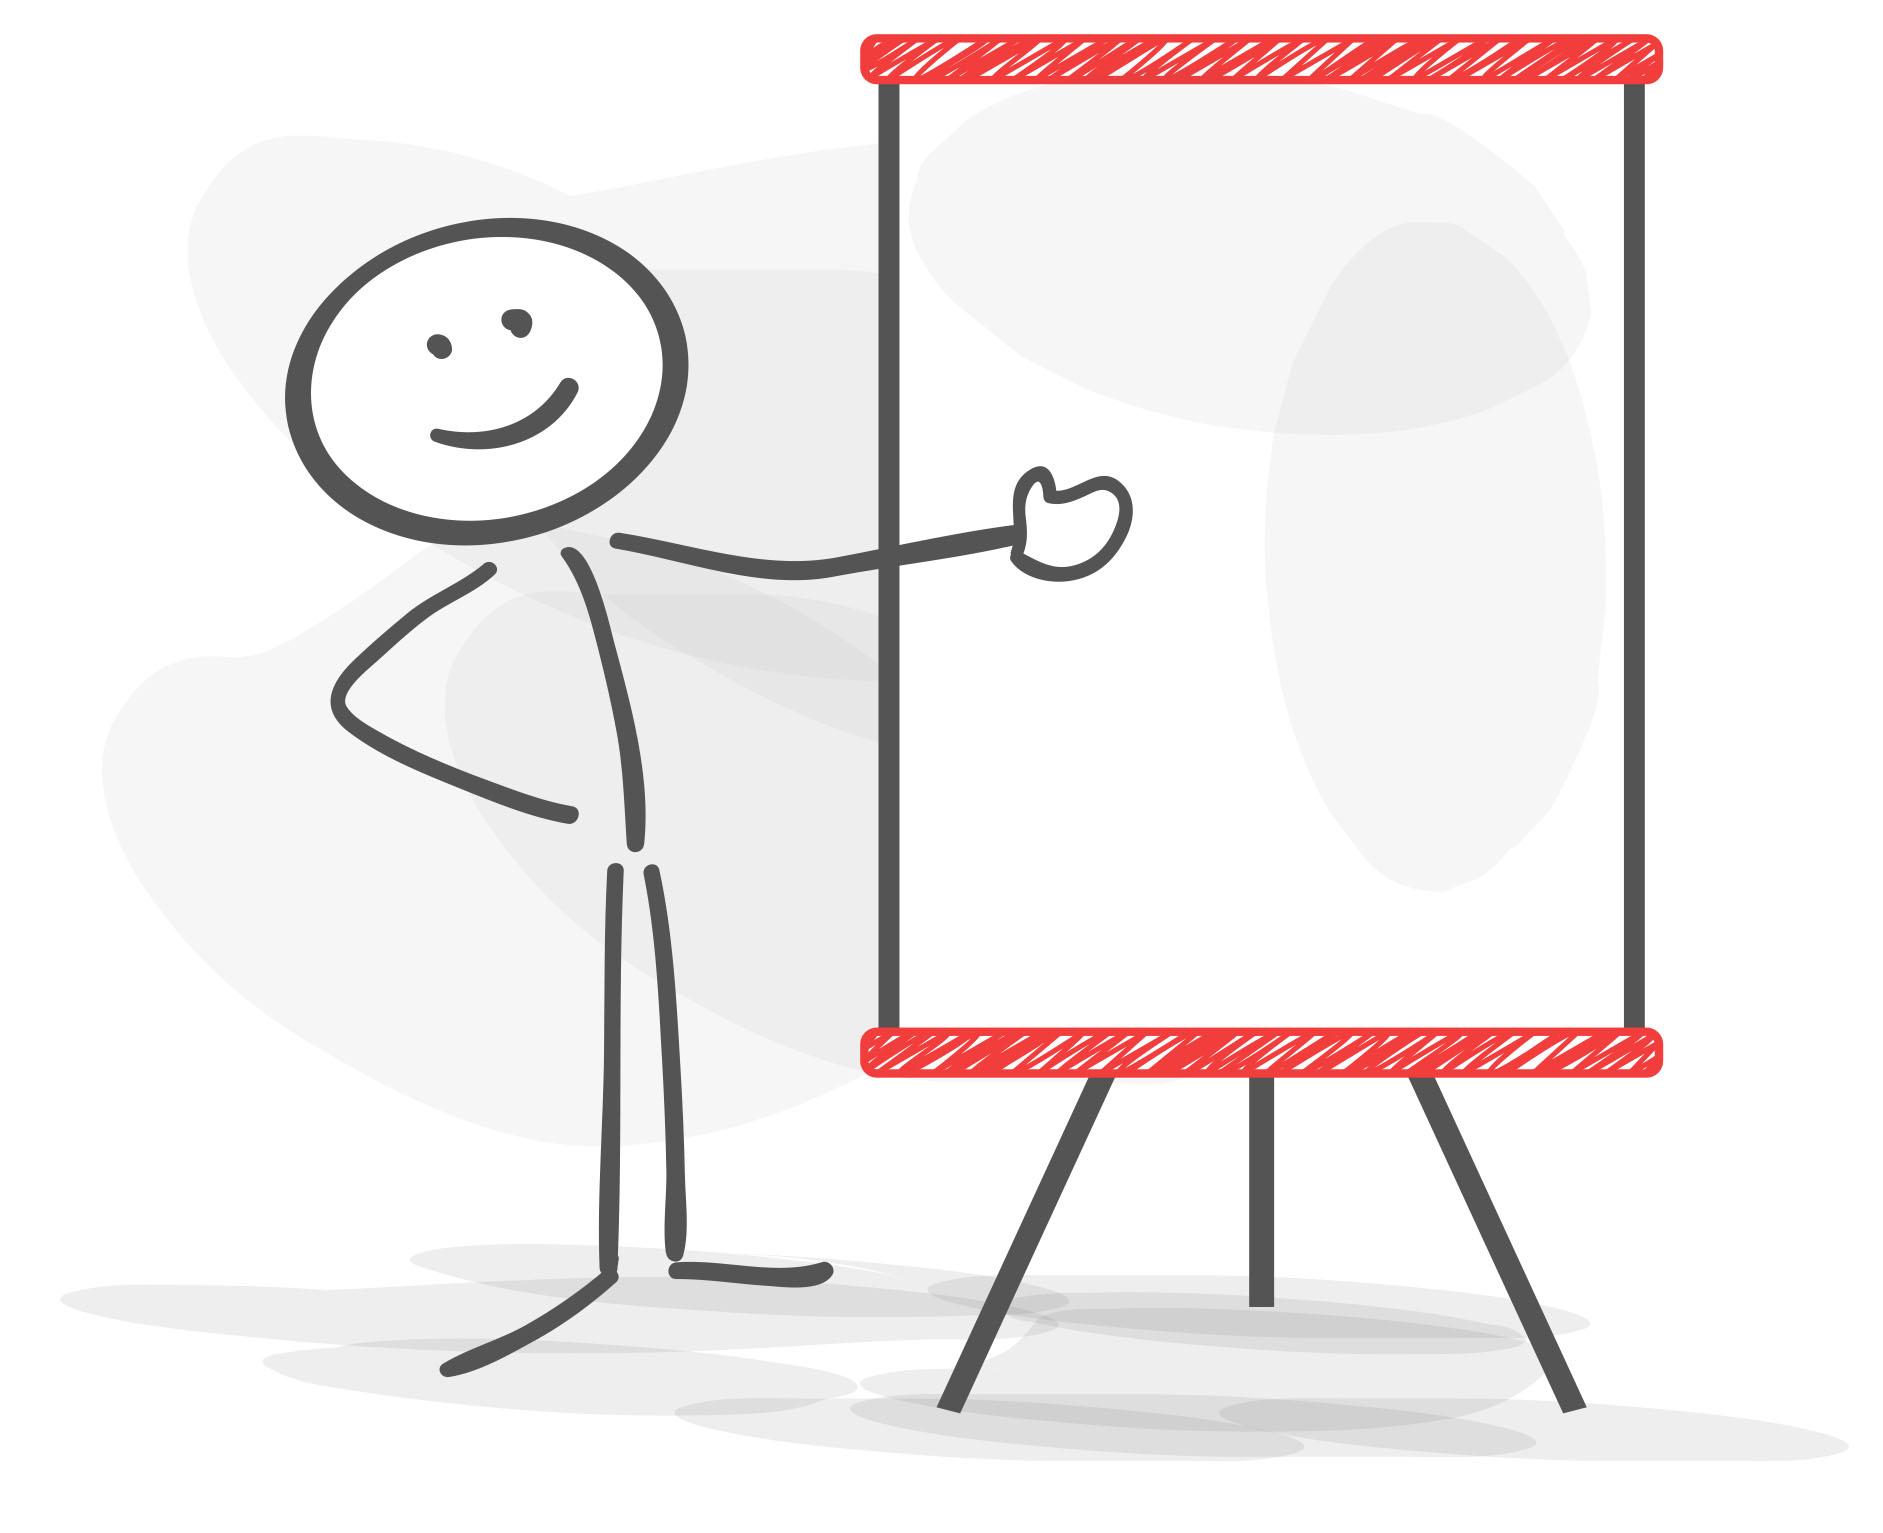 Karriereberatung & Talent Development: M4 Karrierevision, Positionierung, Strategien im Selbstmarketing